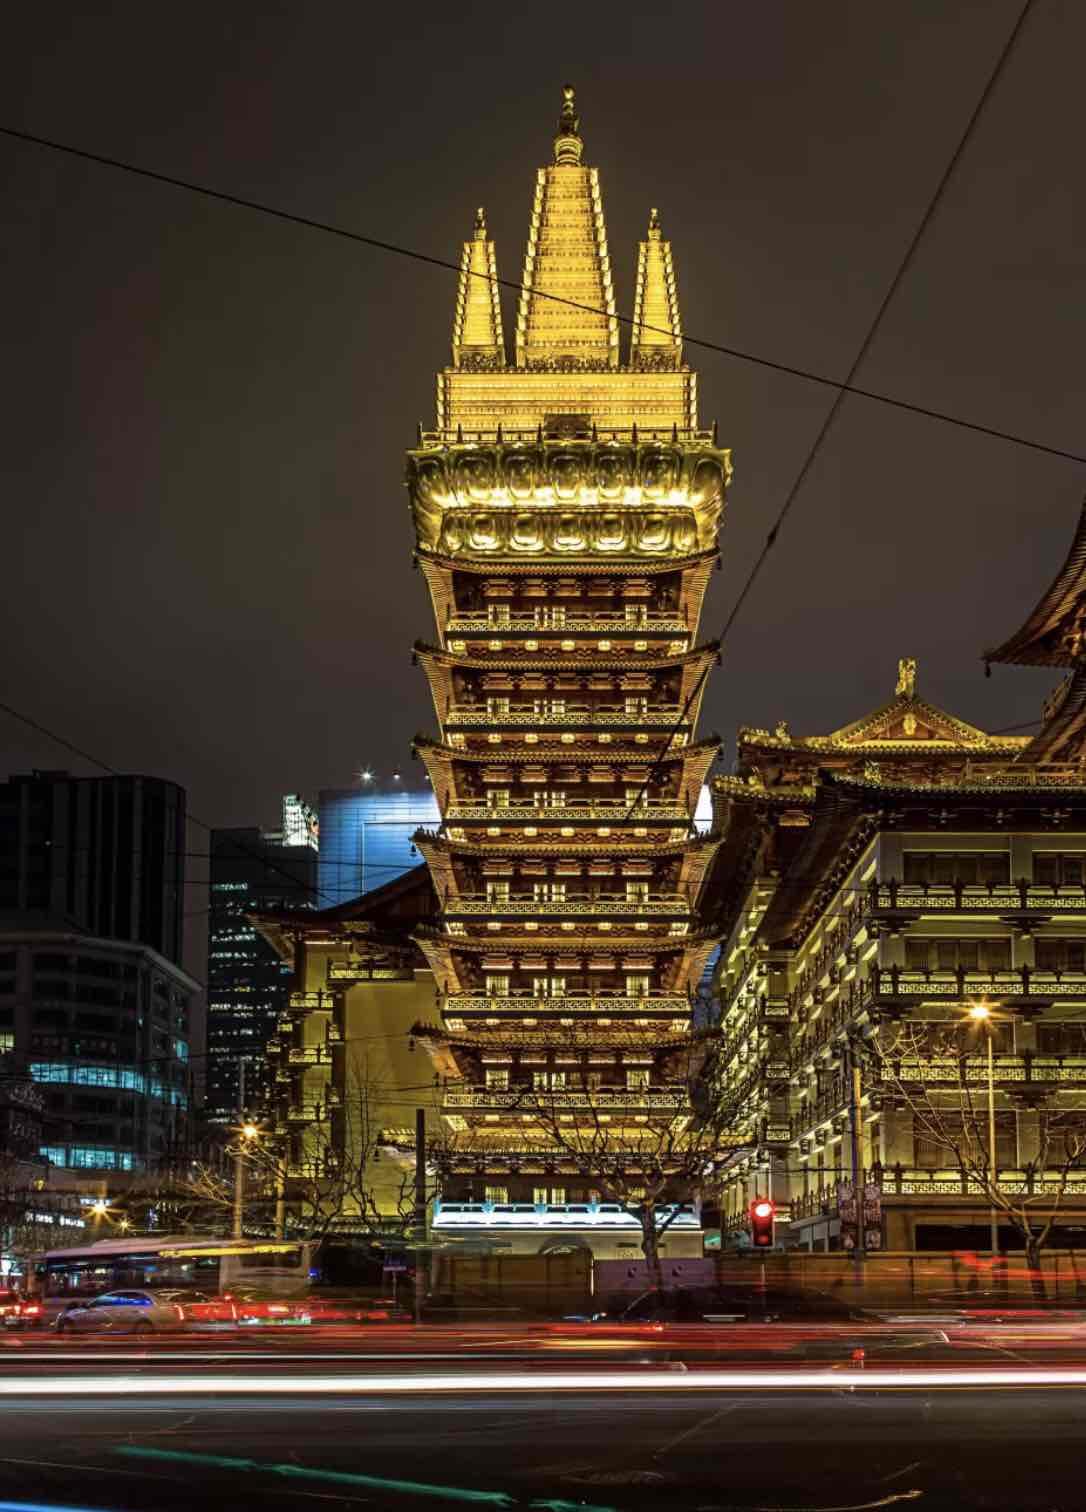 上海城隍庙和静安寺,哪个更适合年轻人去? 上海 静安寺 旅游问答  第3张